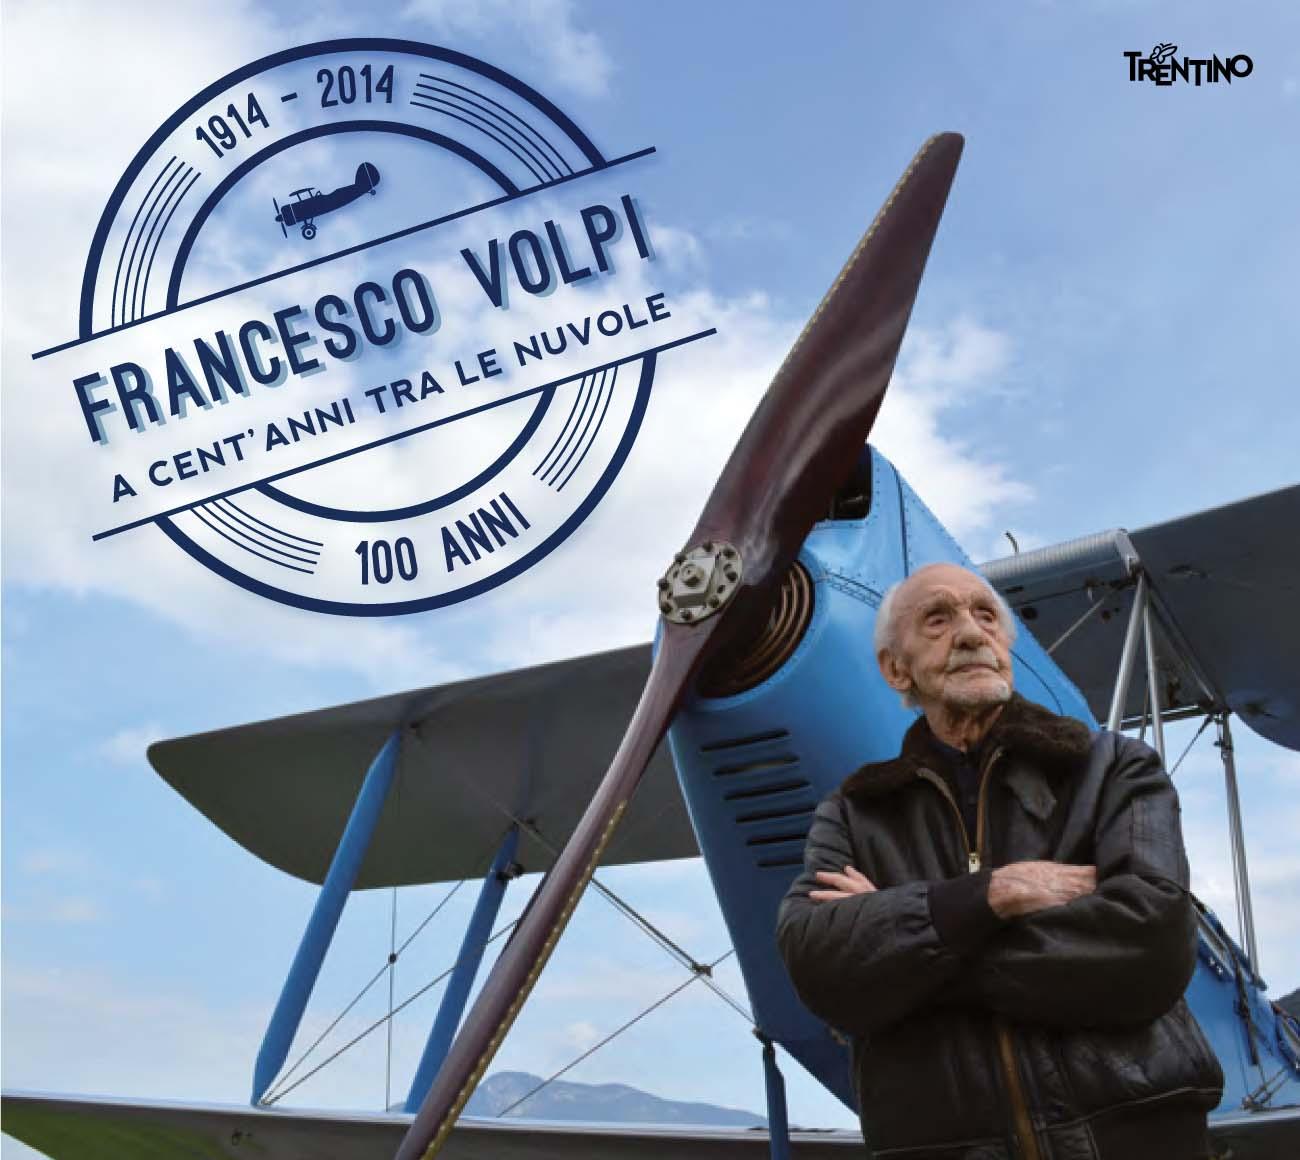 festa 100 anni francesco volpi pilota aereo 1